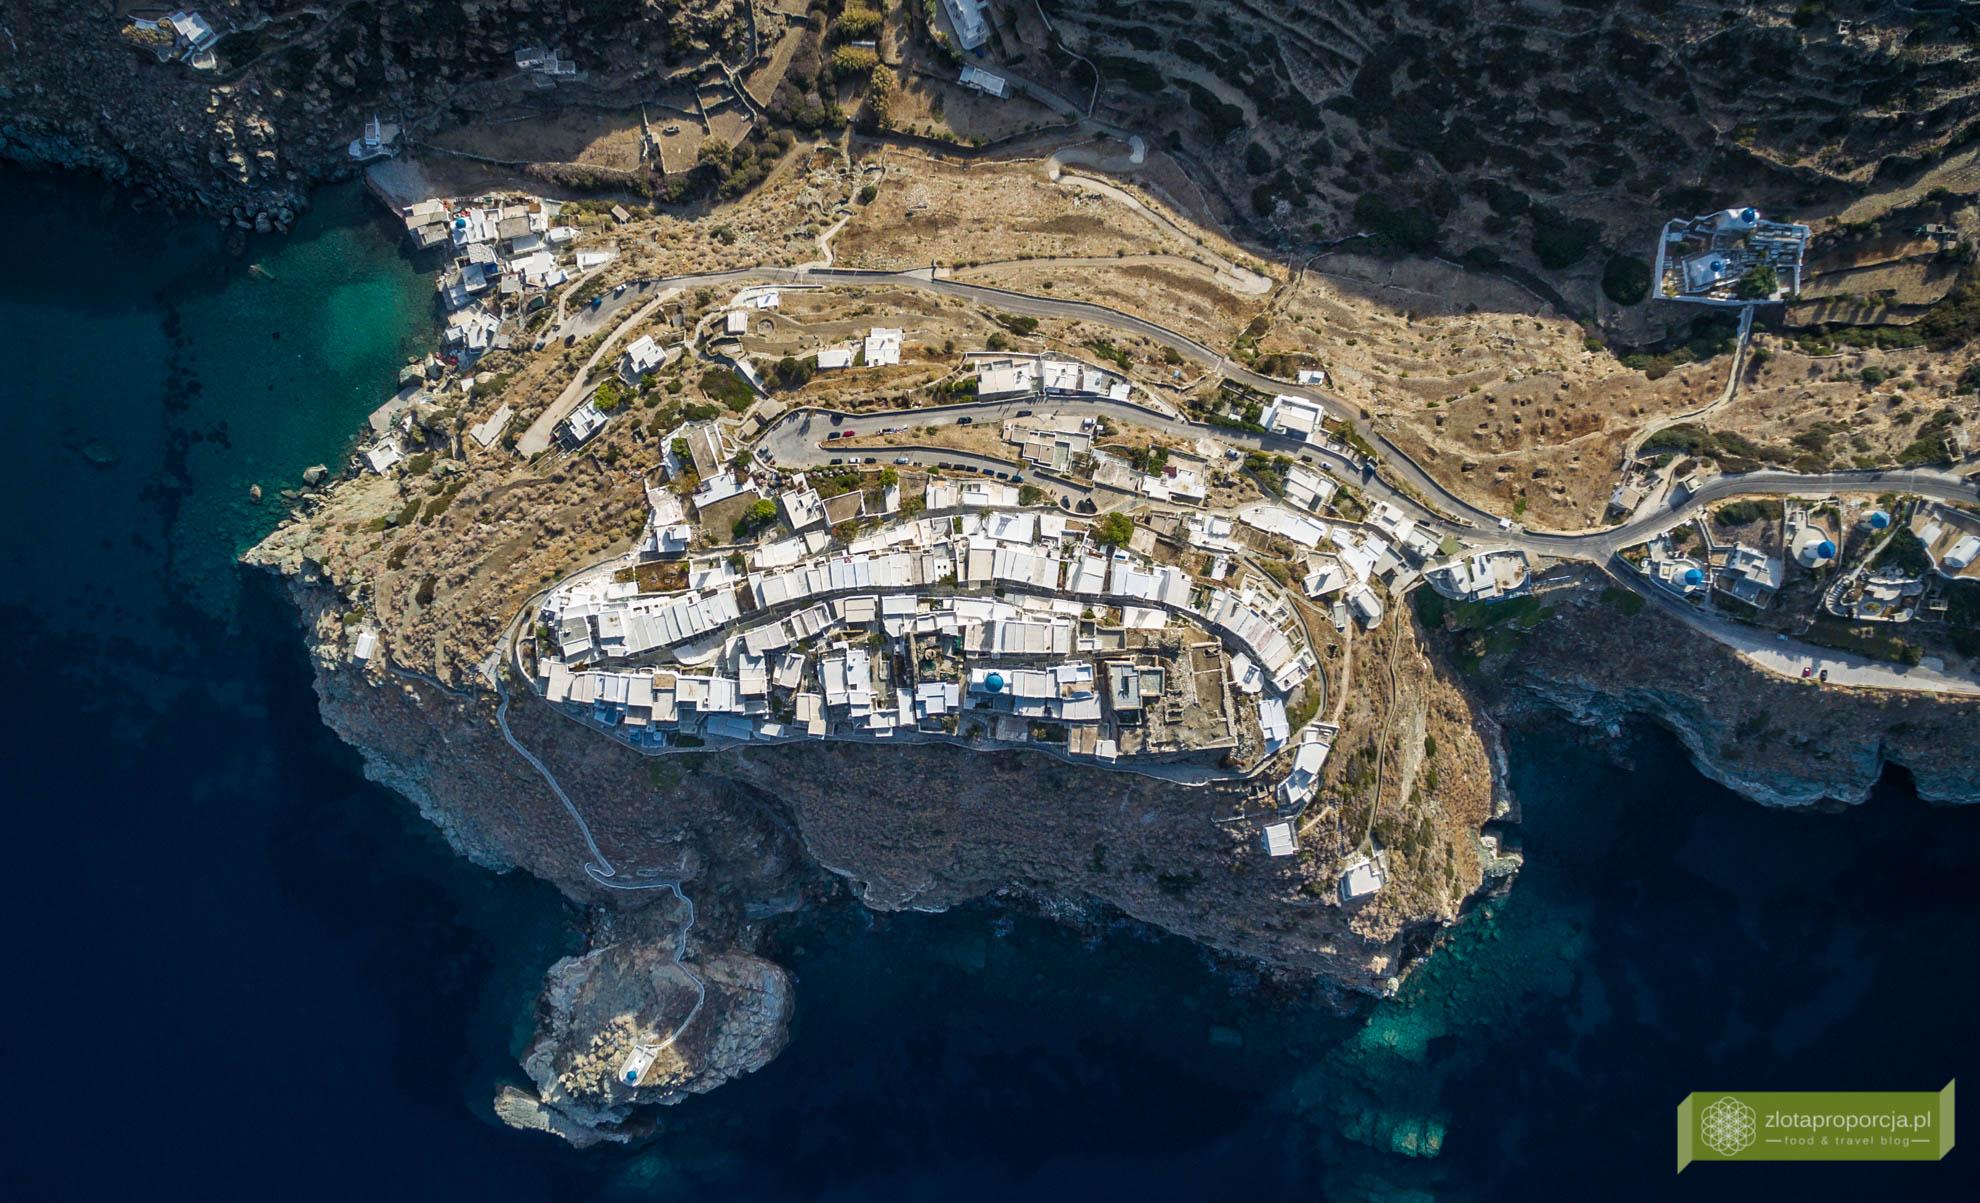 Sifnos, Cyklady, Grecja, Greckie wyspy; Wyspa Sifnos; Cyklady ciekawe miejsca; Kastro, białe miasteczko Sifnos;